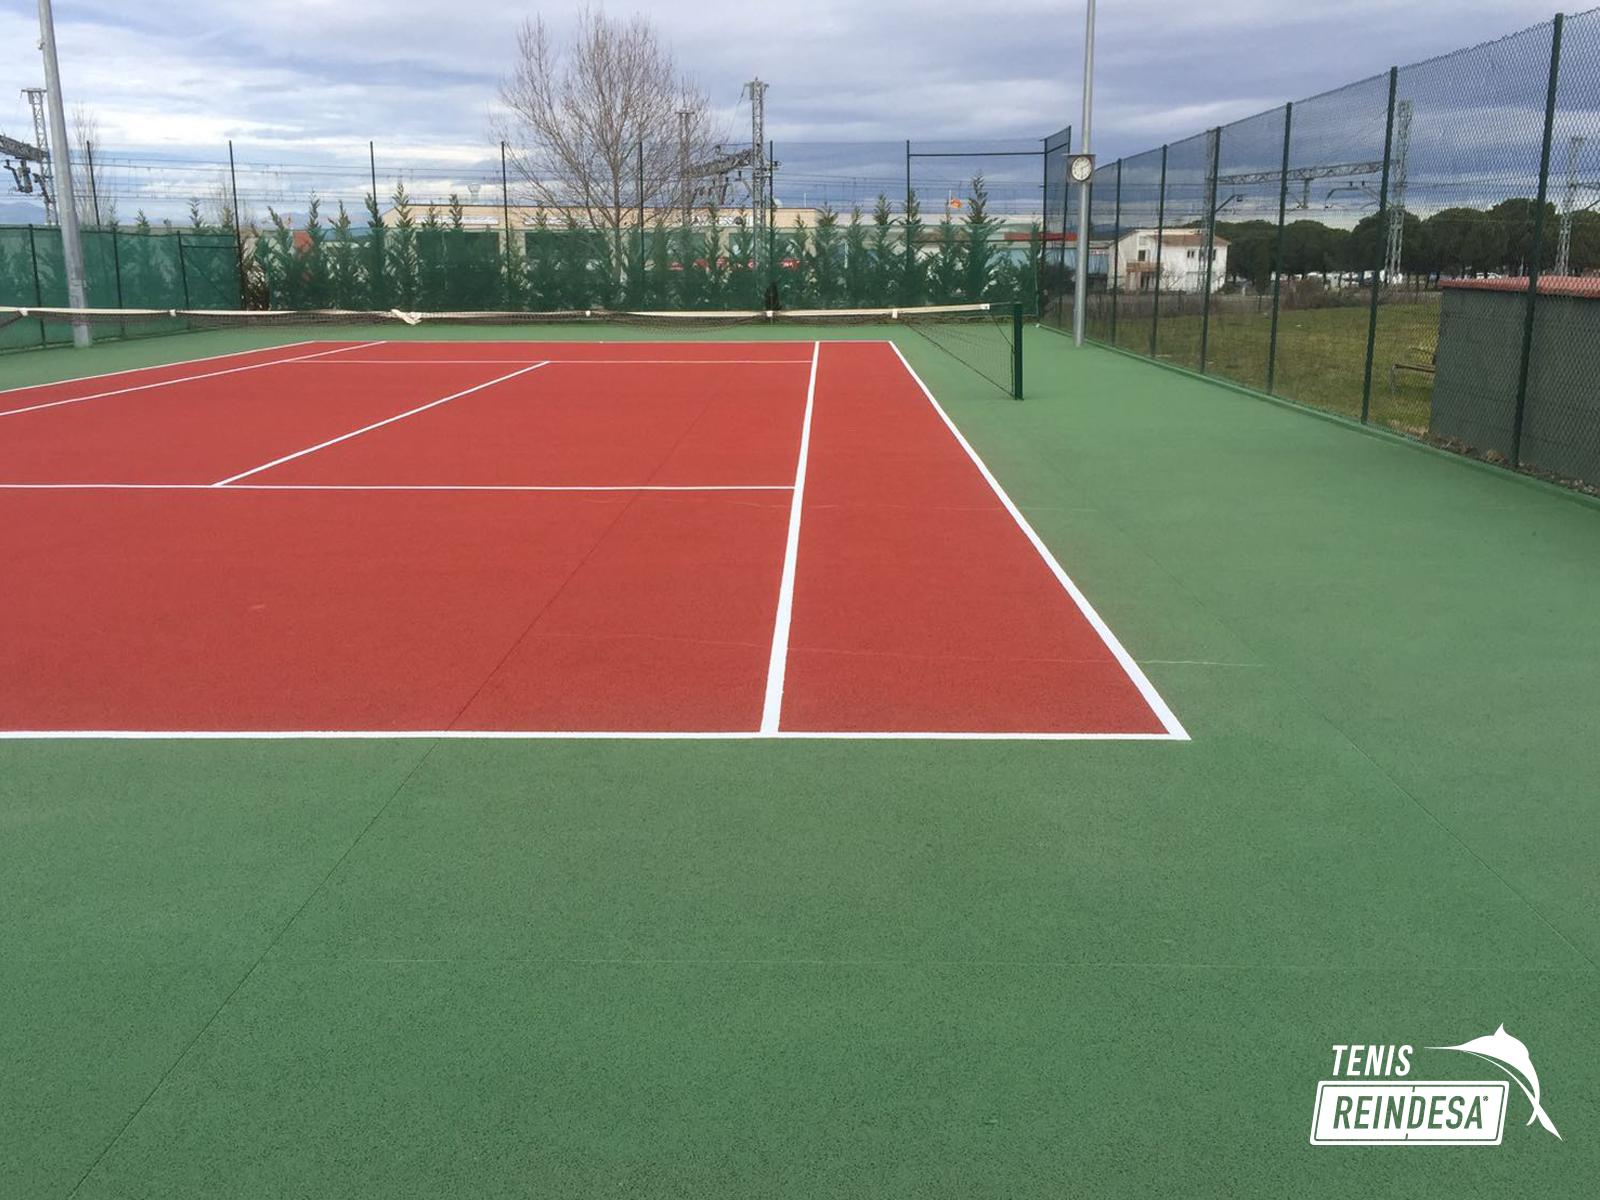 Reindesa rehabilitaci n pista de tenis celr girona for Piscina municipal premia de mar